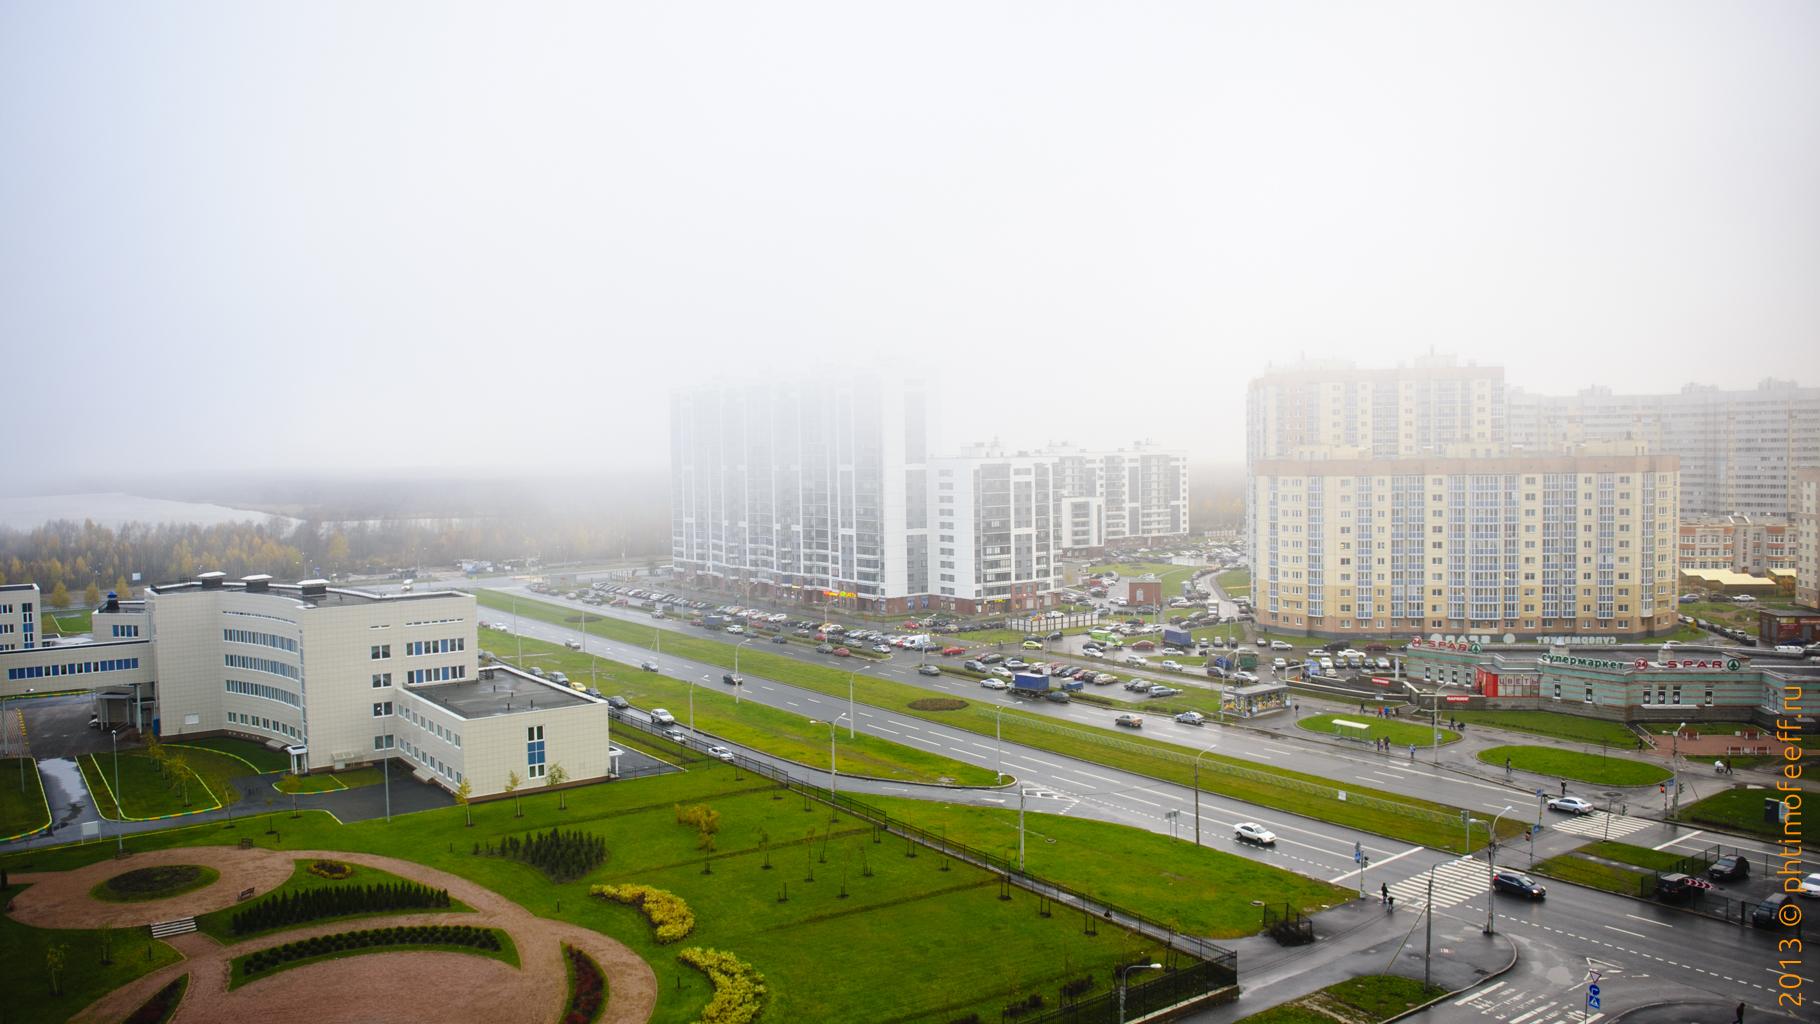 Ну вот просто обожаю такую погоду... Туман и осень... Влажно и тихо...